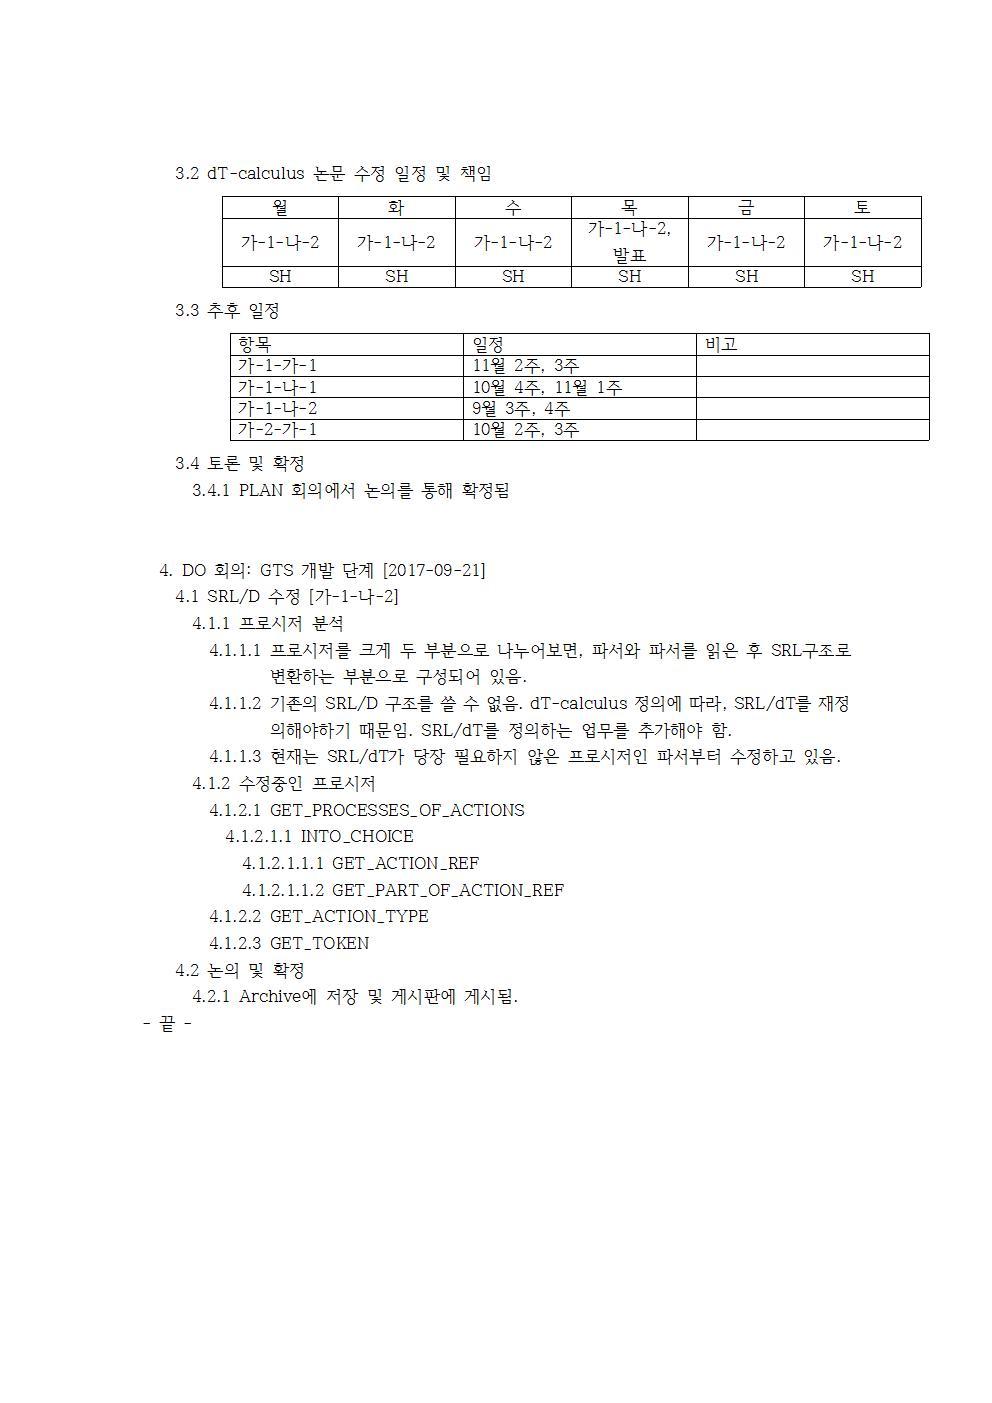 D-[17-005-RD-01]-[SAVE2.0-ADOxx]-[YB, SH]-[2017-09-21]002.jpg